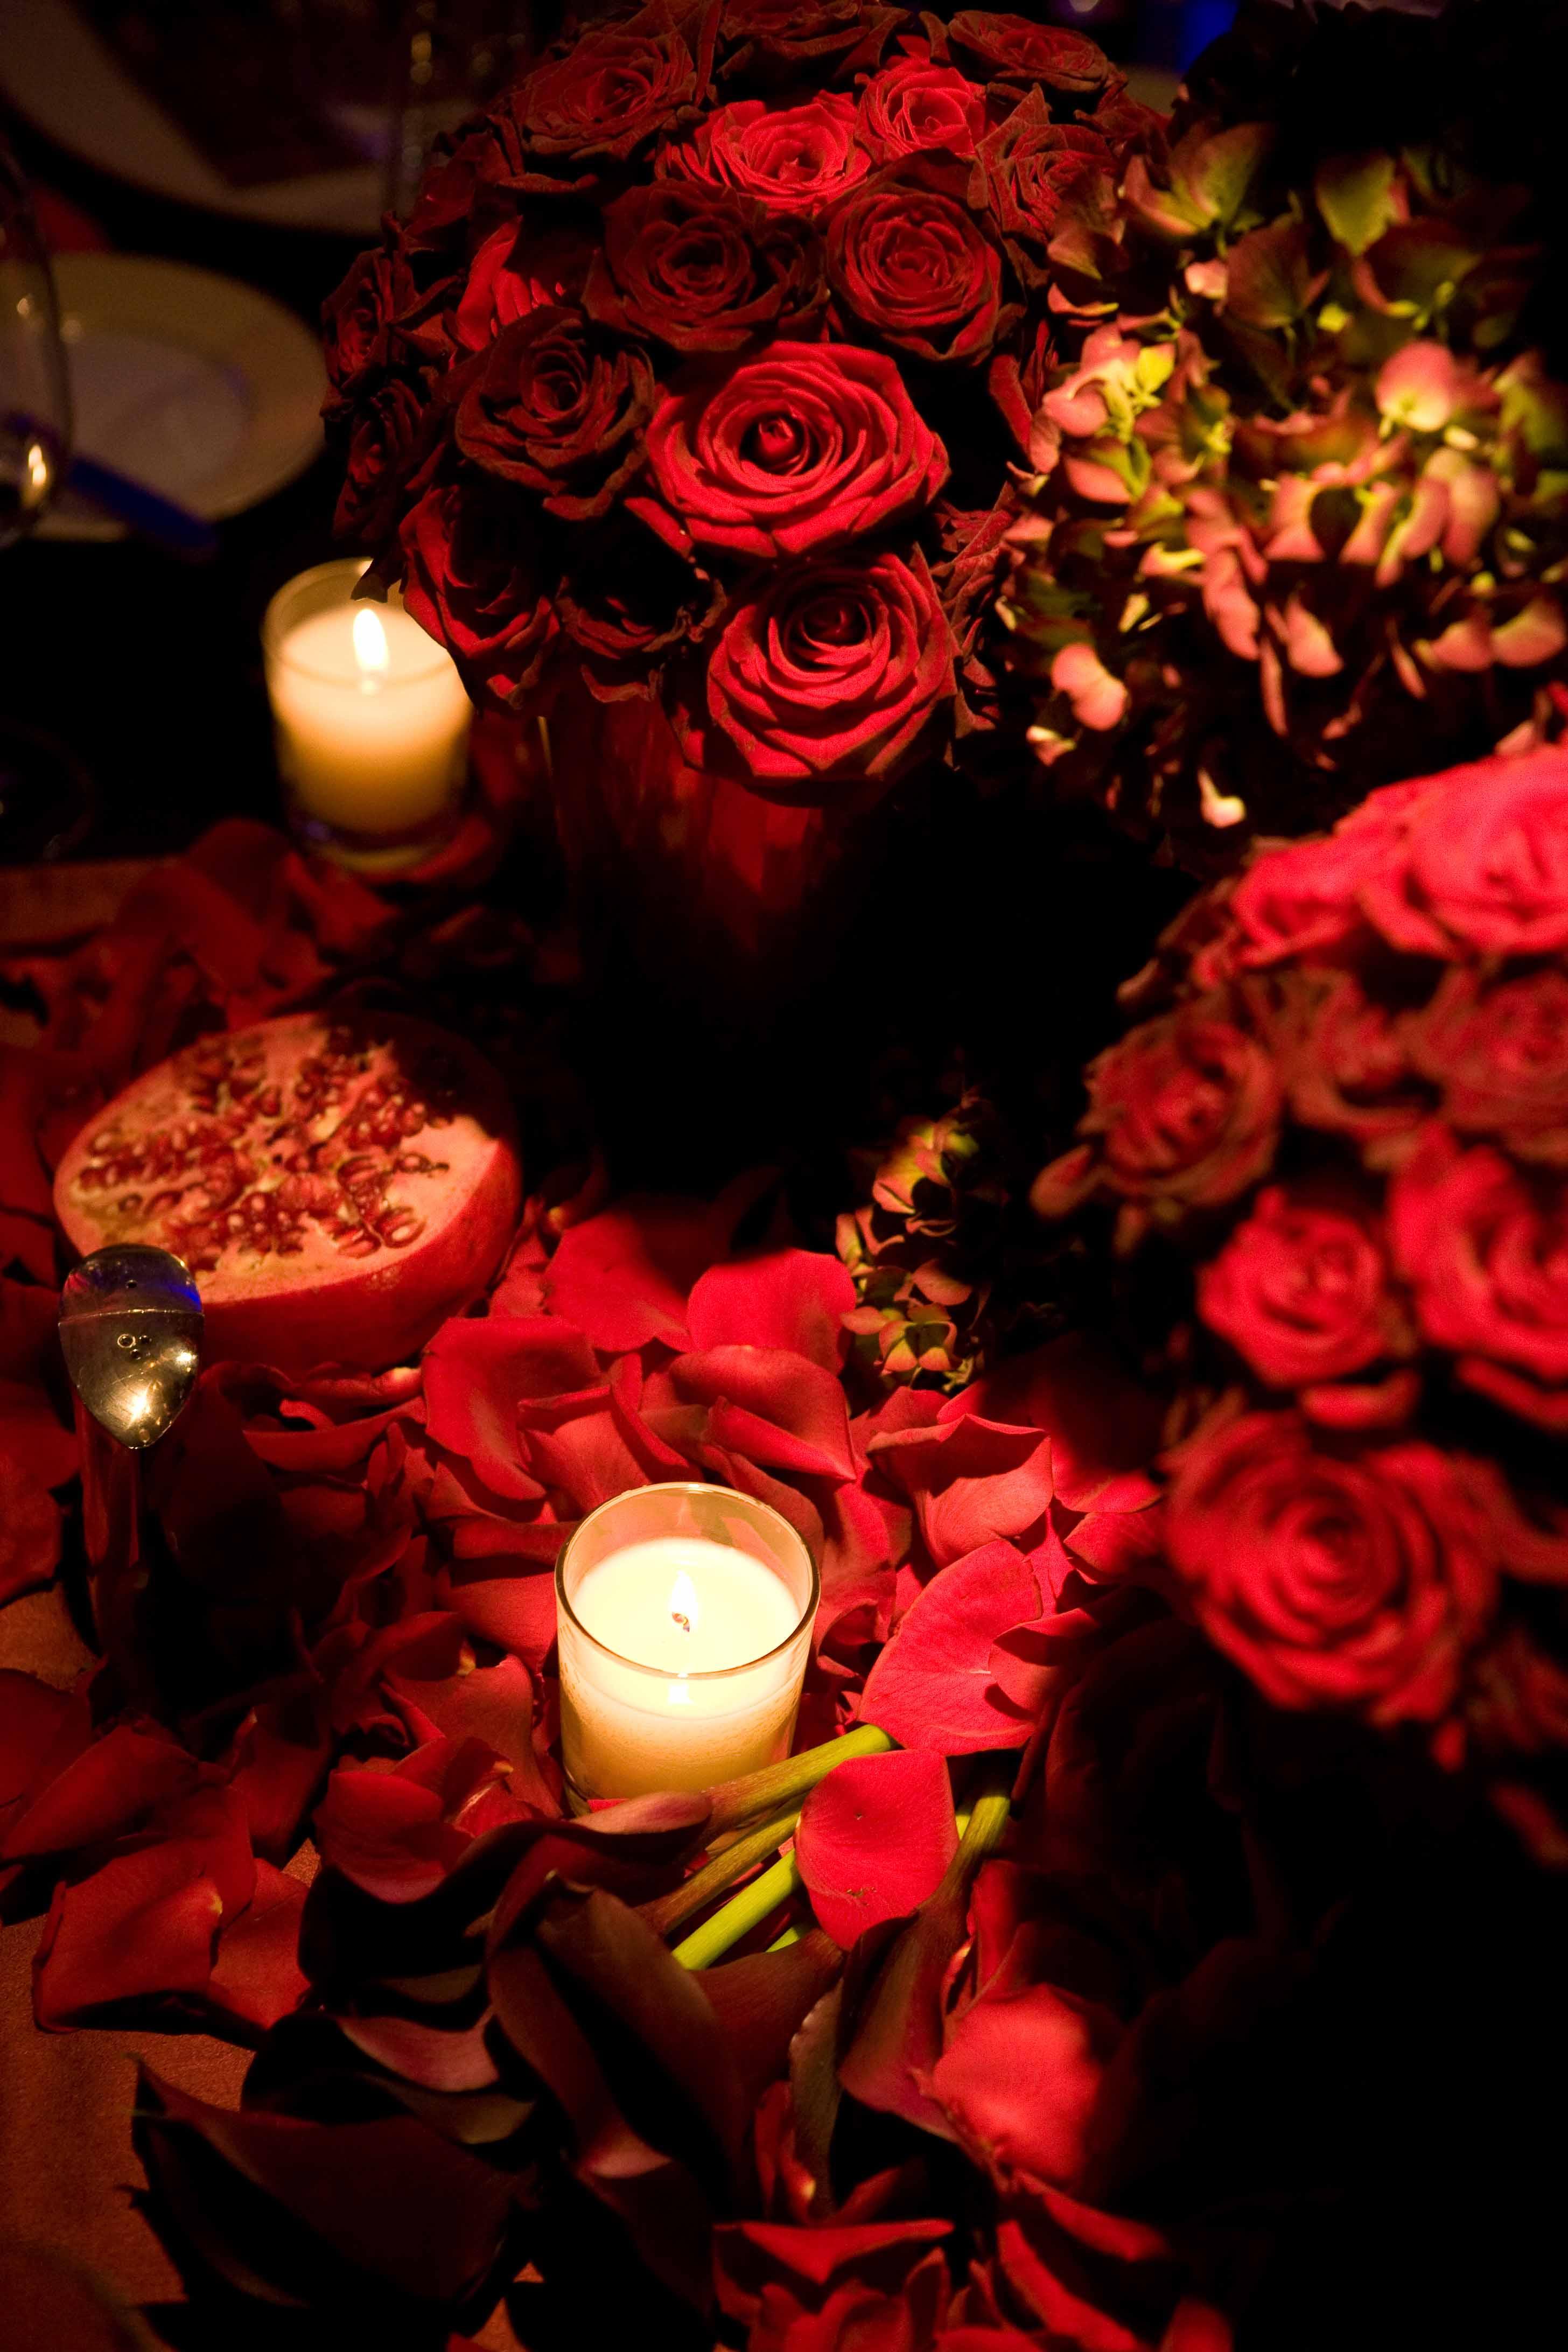 Décoration florale d'une table romantique